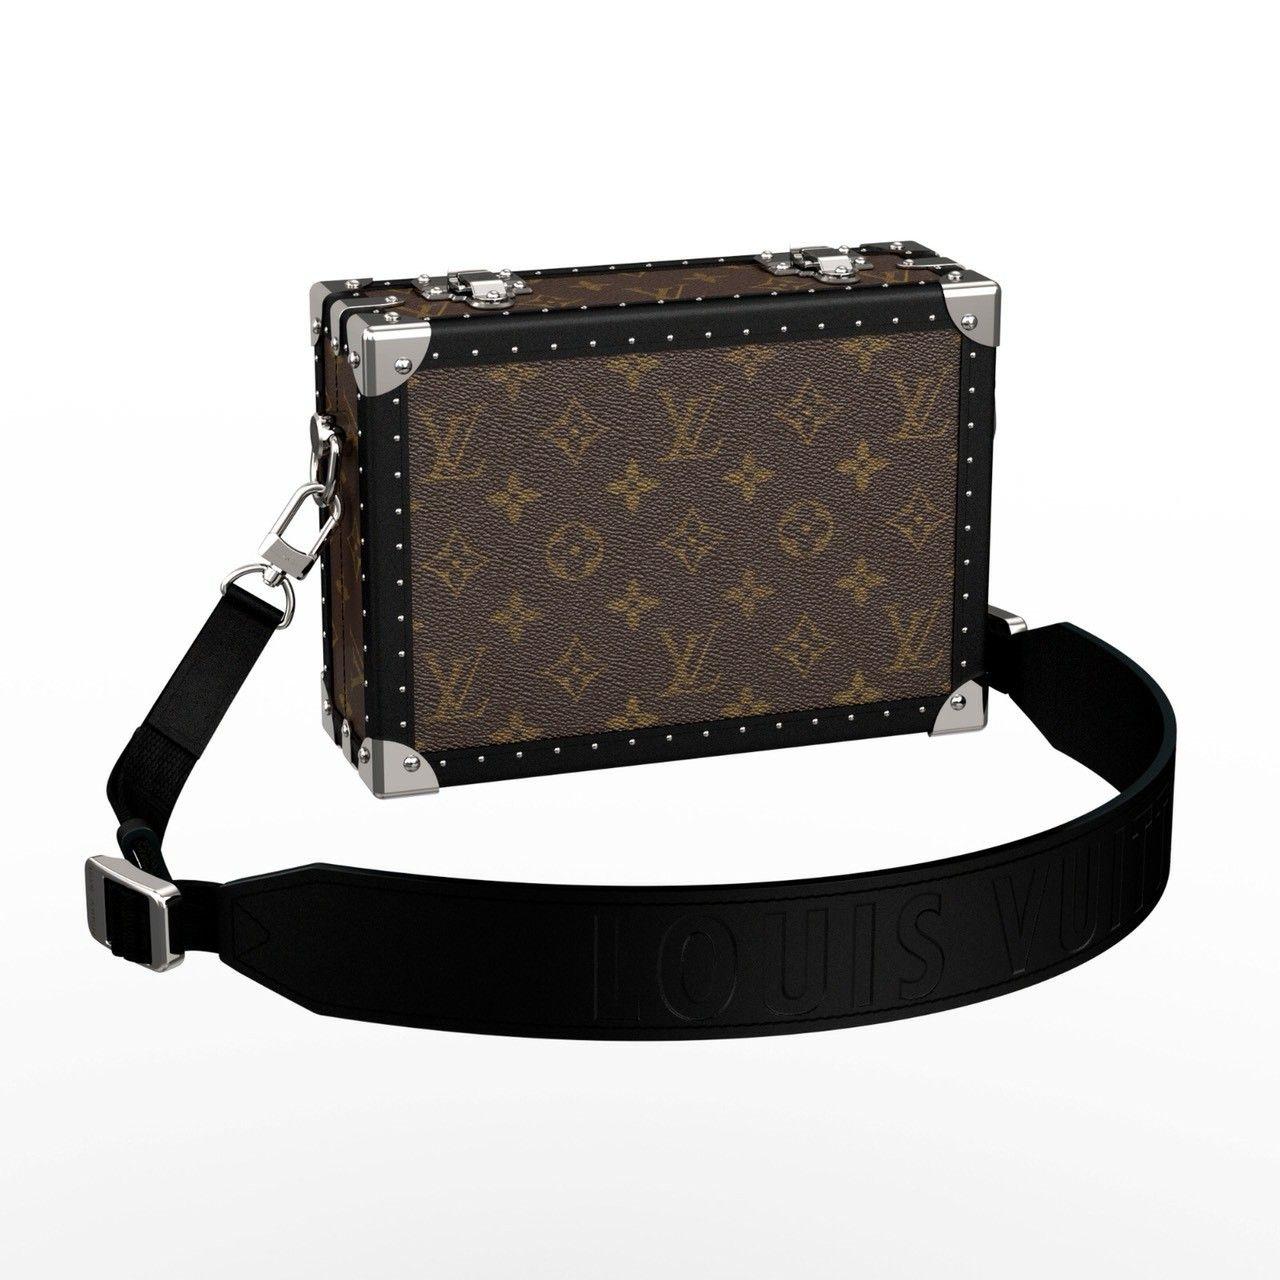 Louis Vuitton Men S Petite Malle Louis Vuitton Bag Fashion Bags Louis Vuitton Men